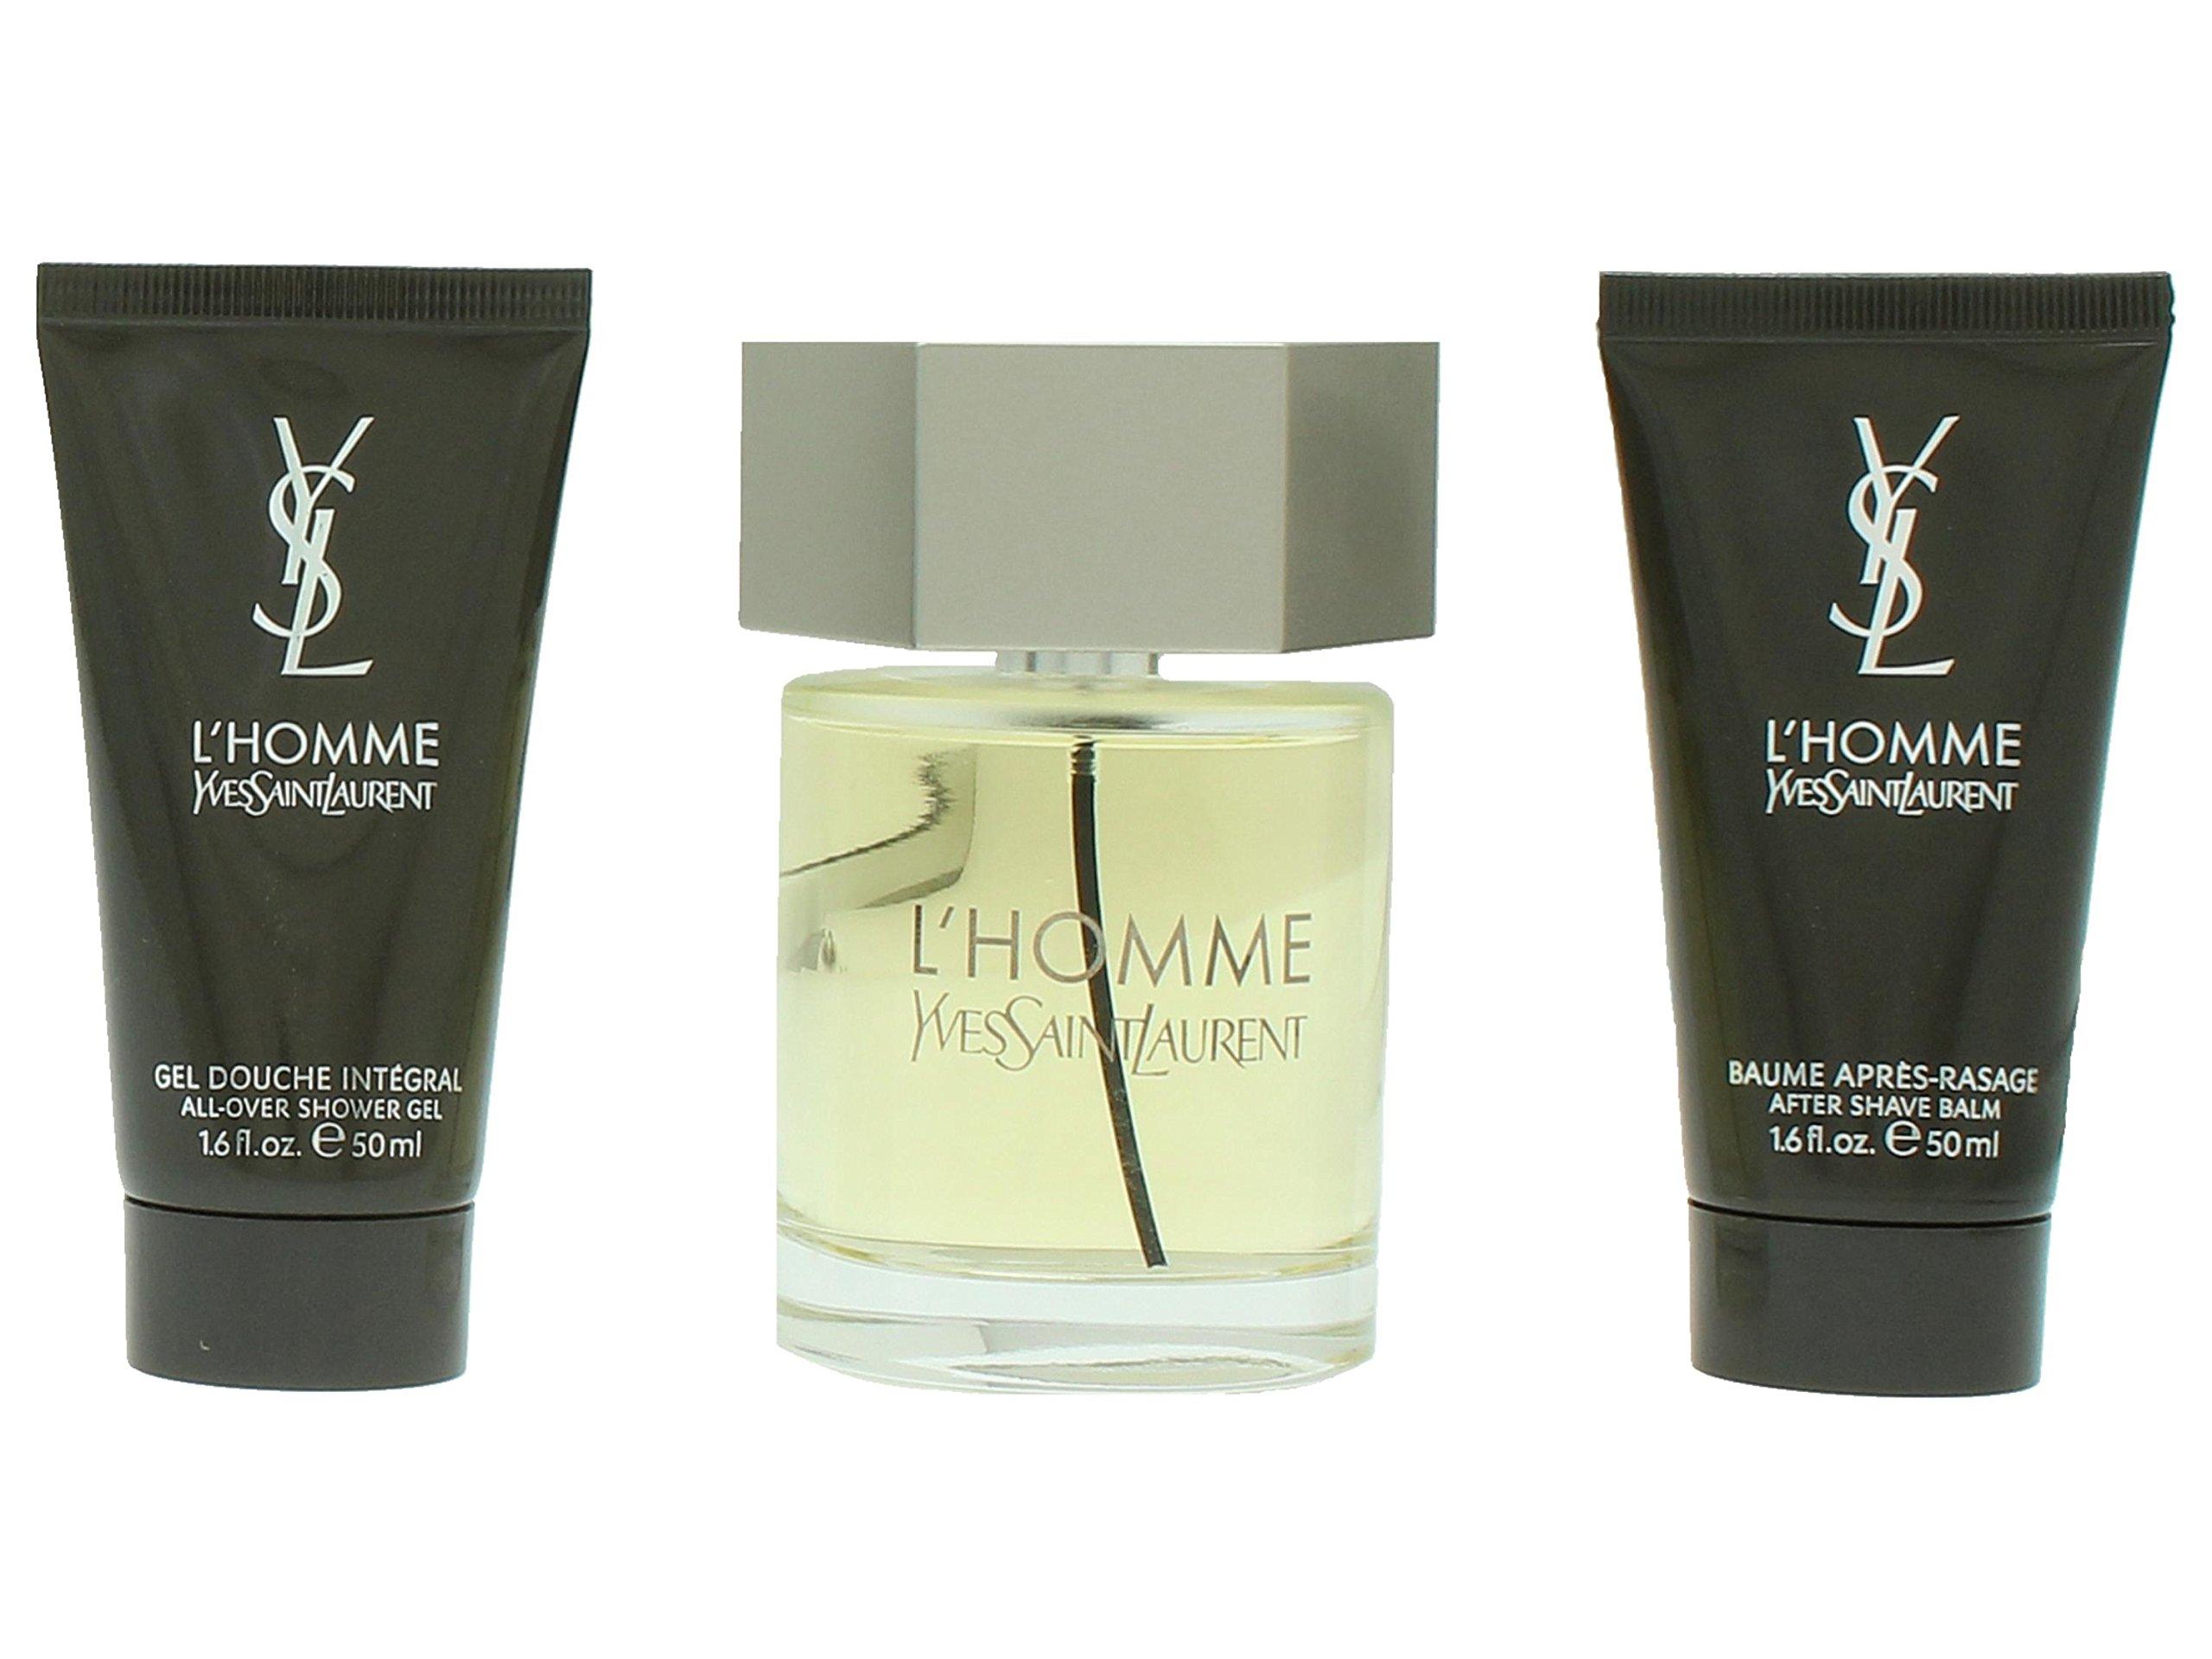 L'homme Yves Saint Laurent for Men 3 Piece Set Includes: 3.3 oz Eau de Toilette Spray + 1.6 oz All Over Shower Gel + 1.6 oz After Shave Balm